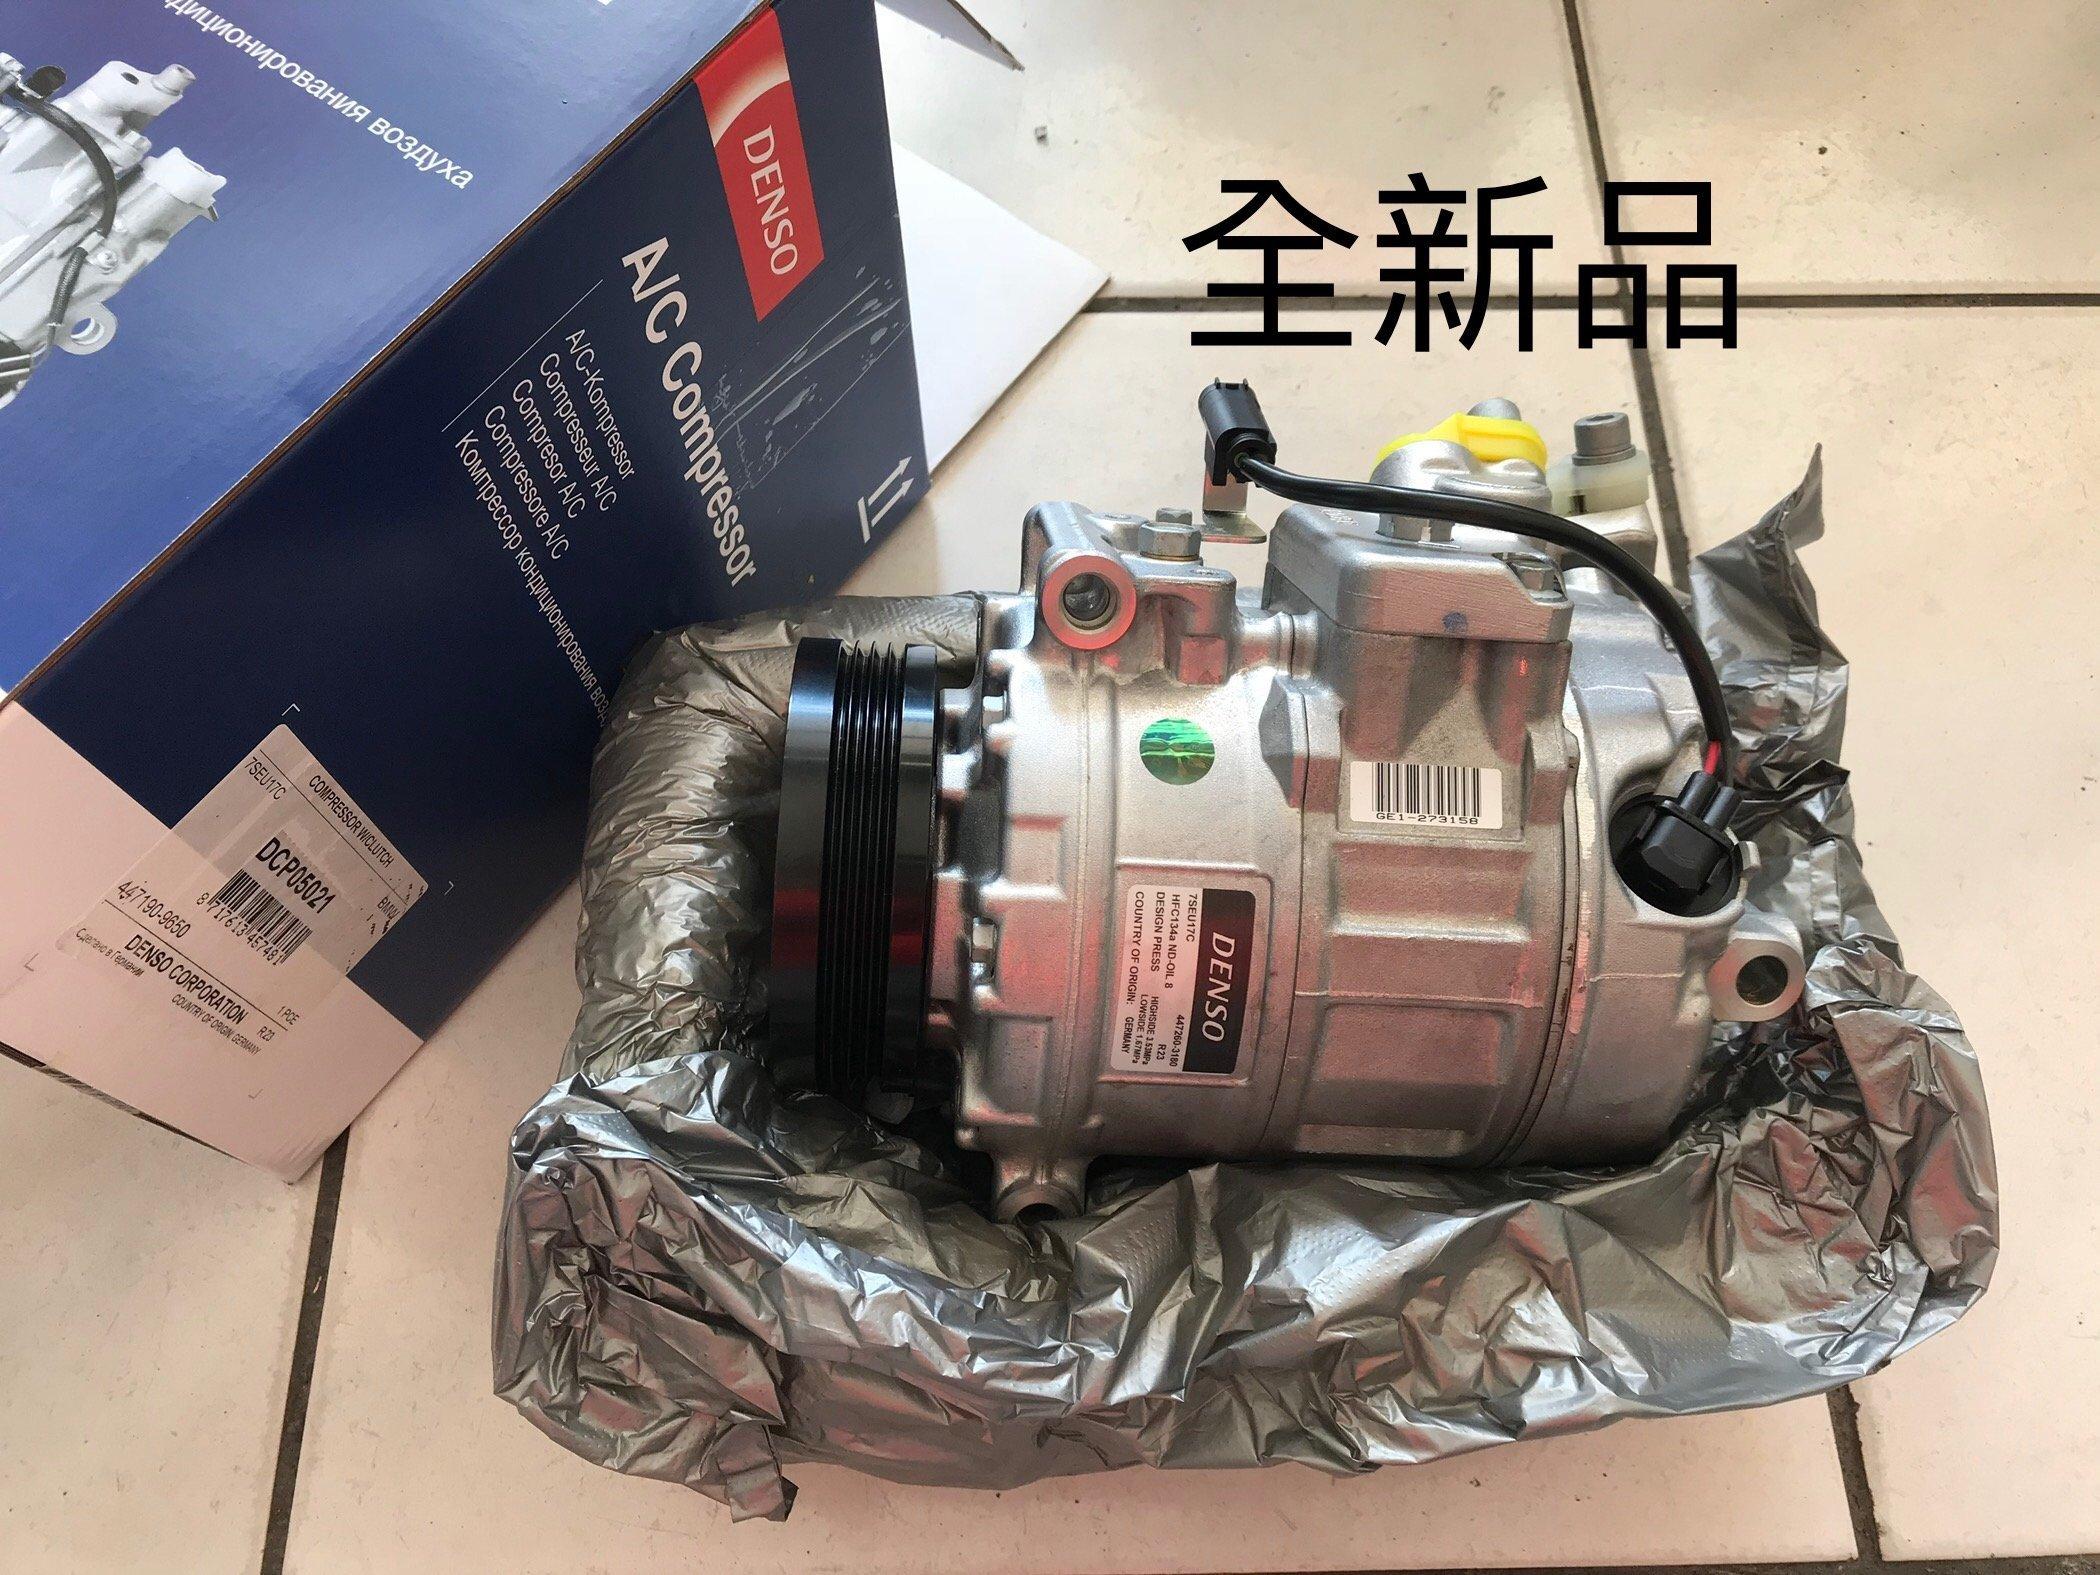 全新原裝件 冷氣壓縮機 BENZ W220 W211 W210 W203 W164 W204 W212